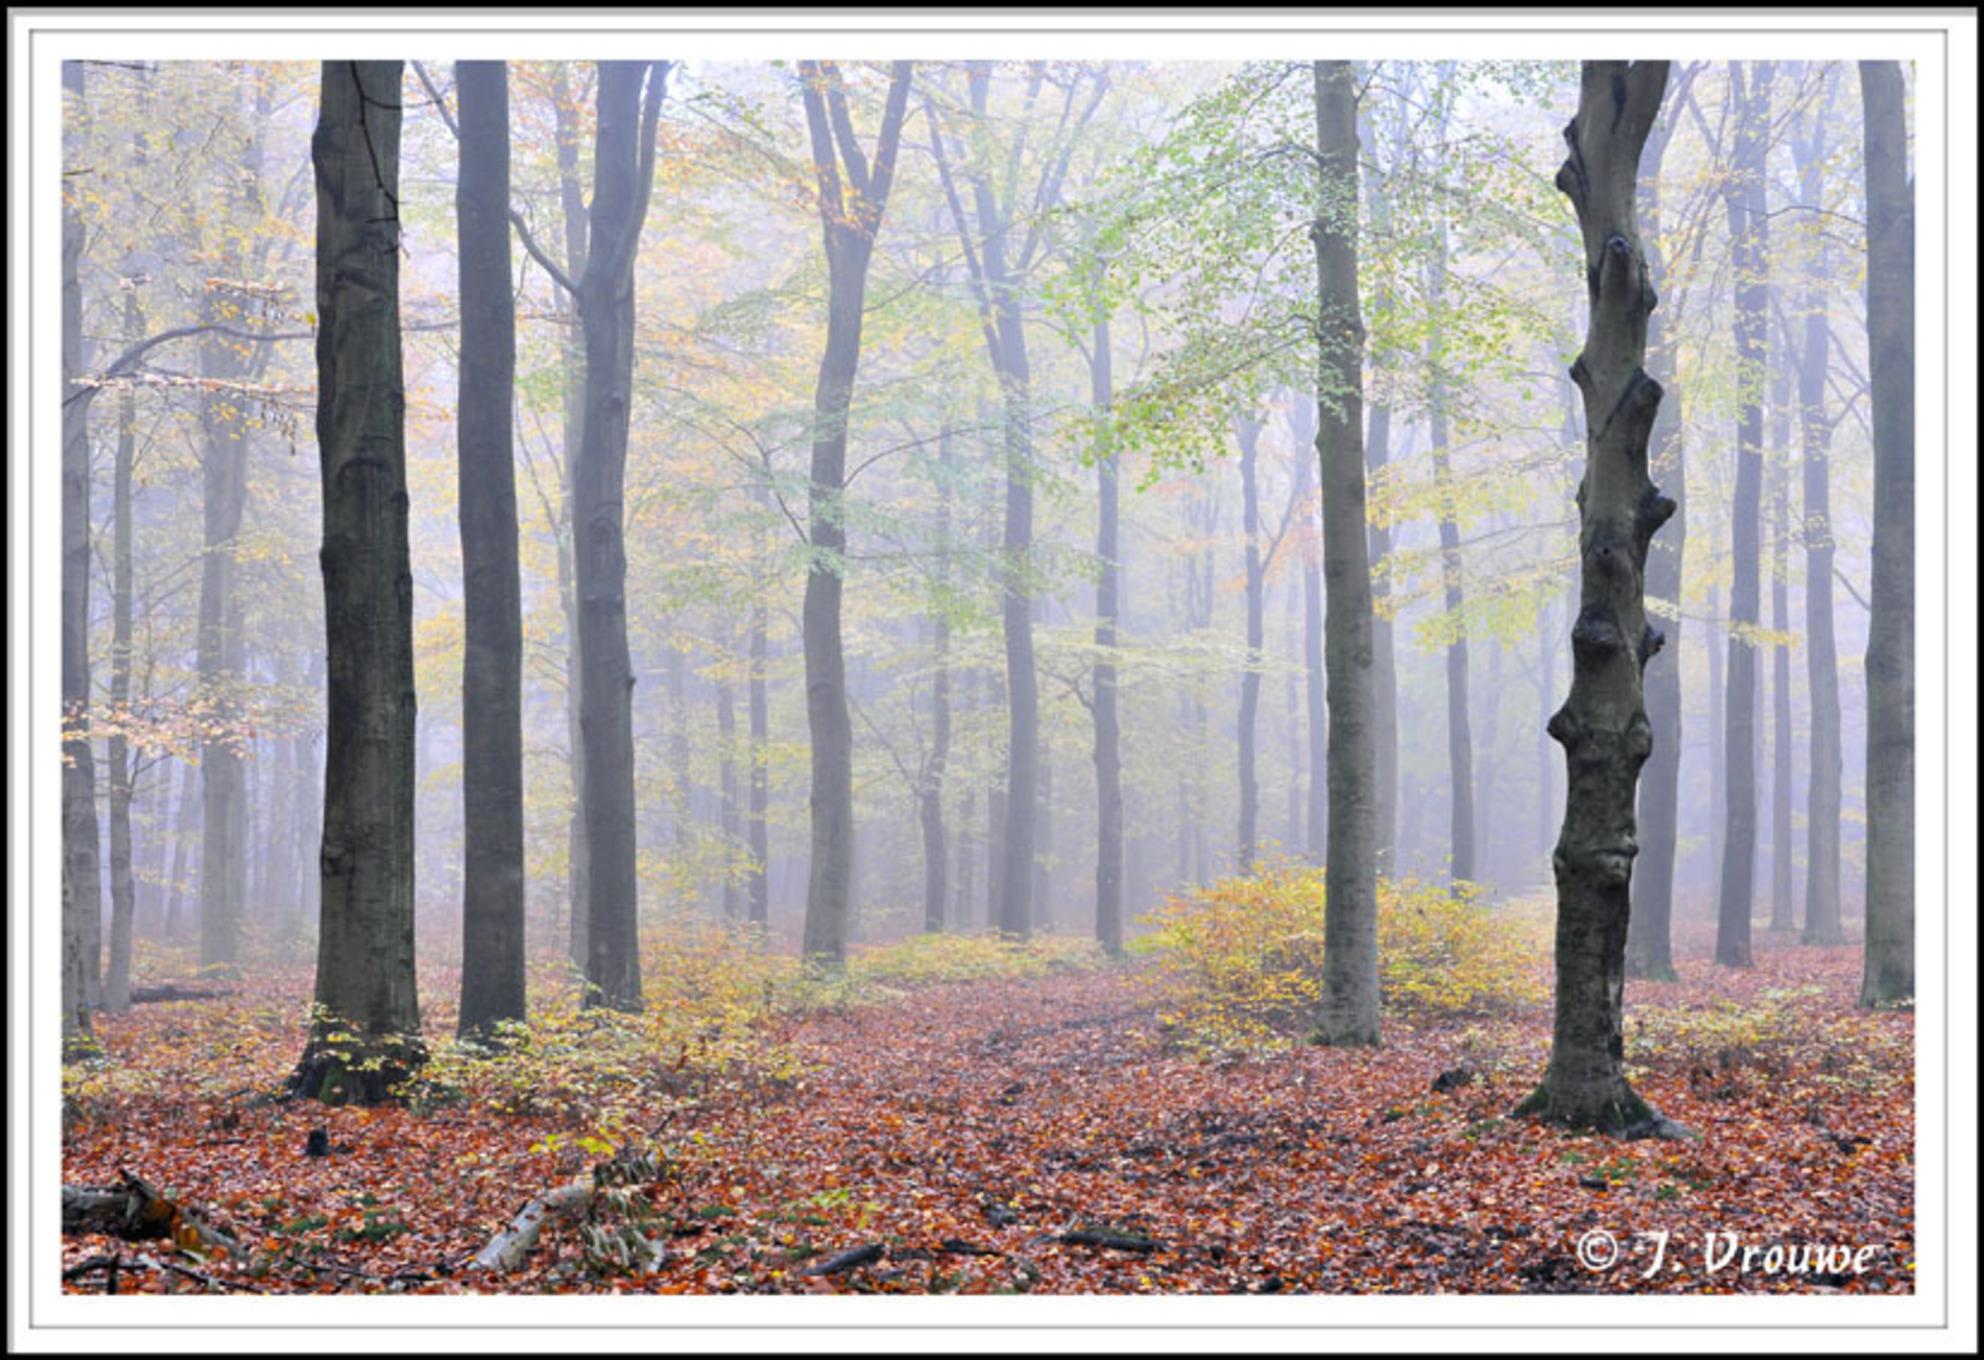 beukenbos Lage Vuursche - Hoewel ik er graag een zonnetje bij had gehad vind ik dit een stemmige foto - foto door janv2 op 07-12-2013 - deze foto bevat: herfst, mist, beukenbos, beuken, Lage vuursche, blderen - Deze foto mag gebruikt worden in een Zoom.nl publicatie